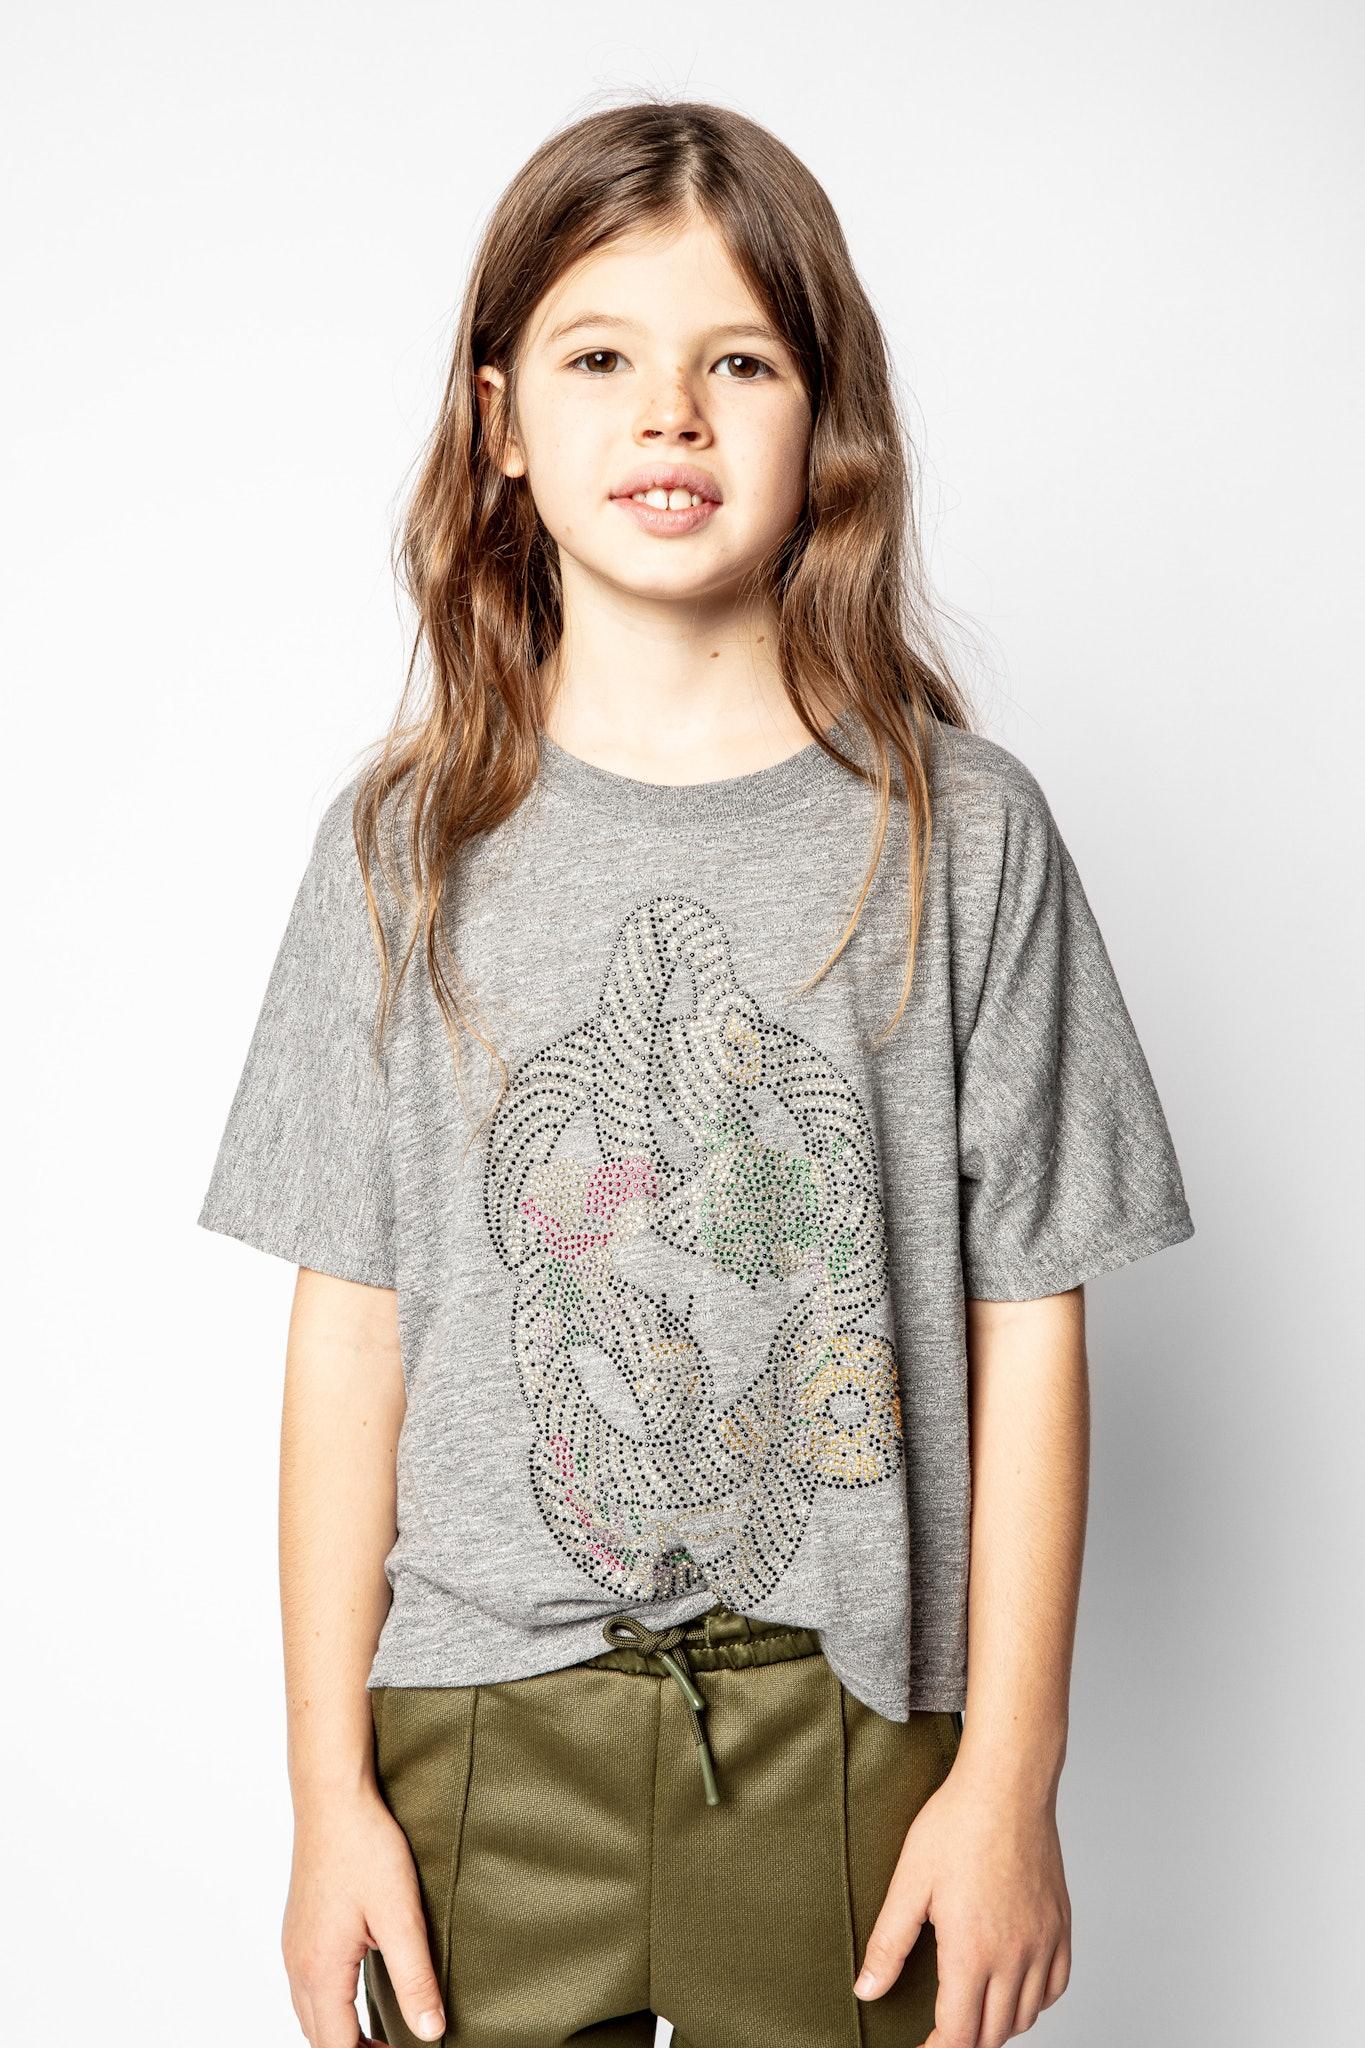 Audrey T-shirt.